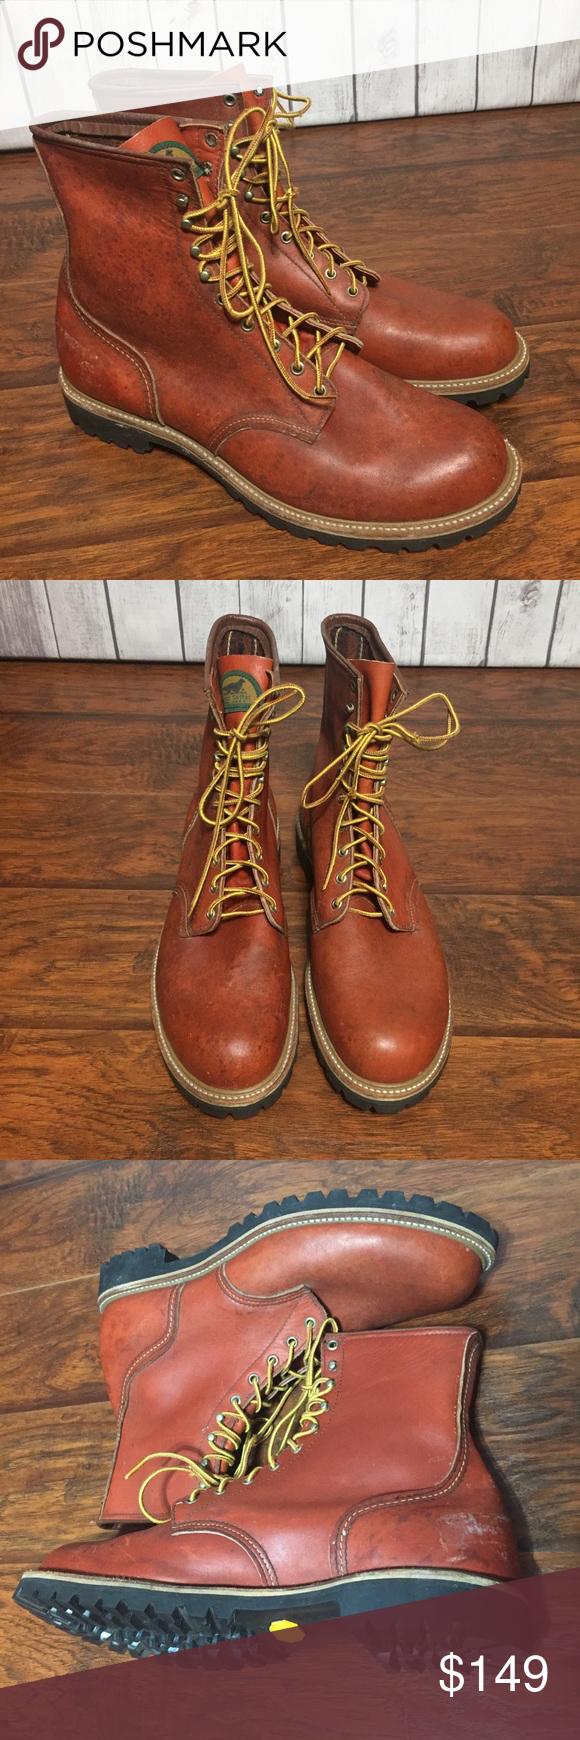 Irish Setter Work Boots 899 Mens 15 D Logger Work boots